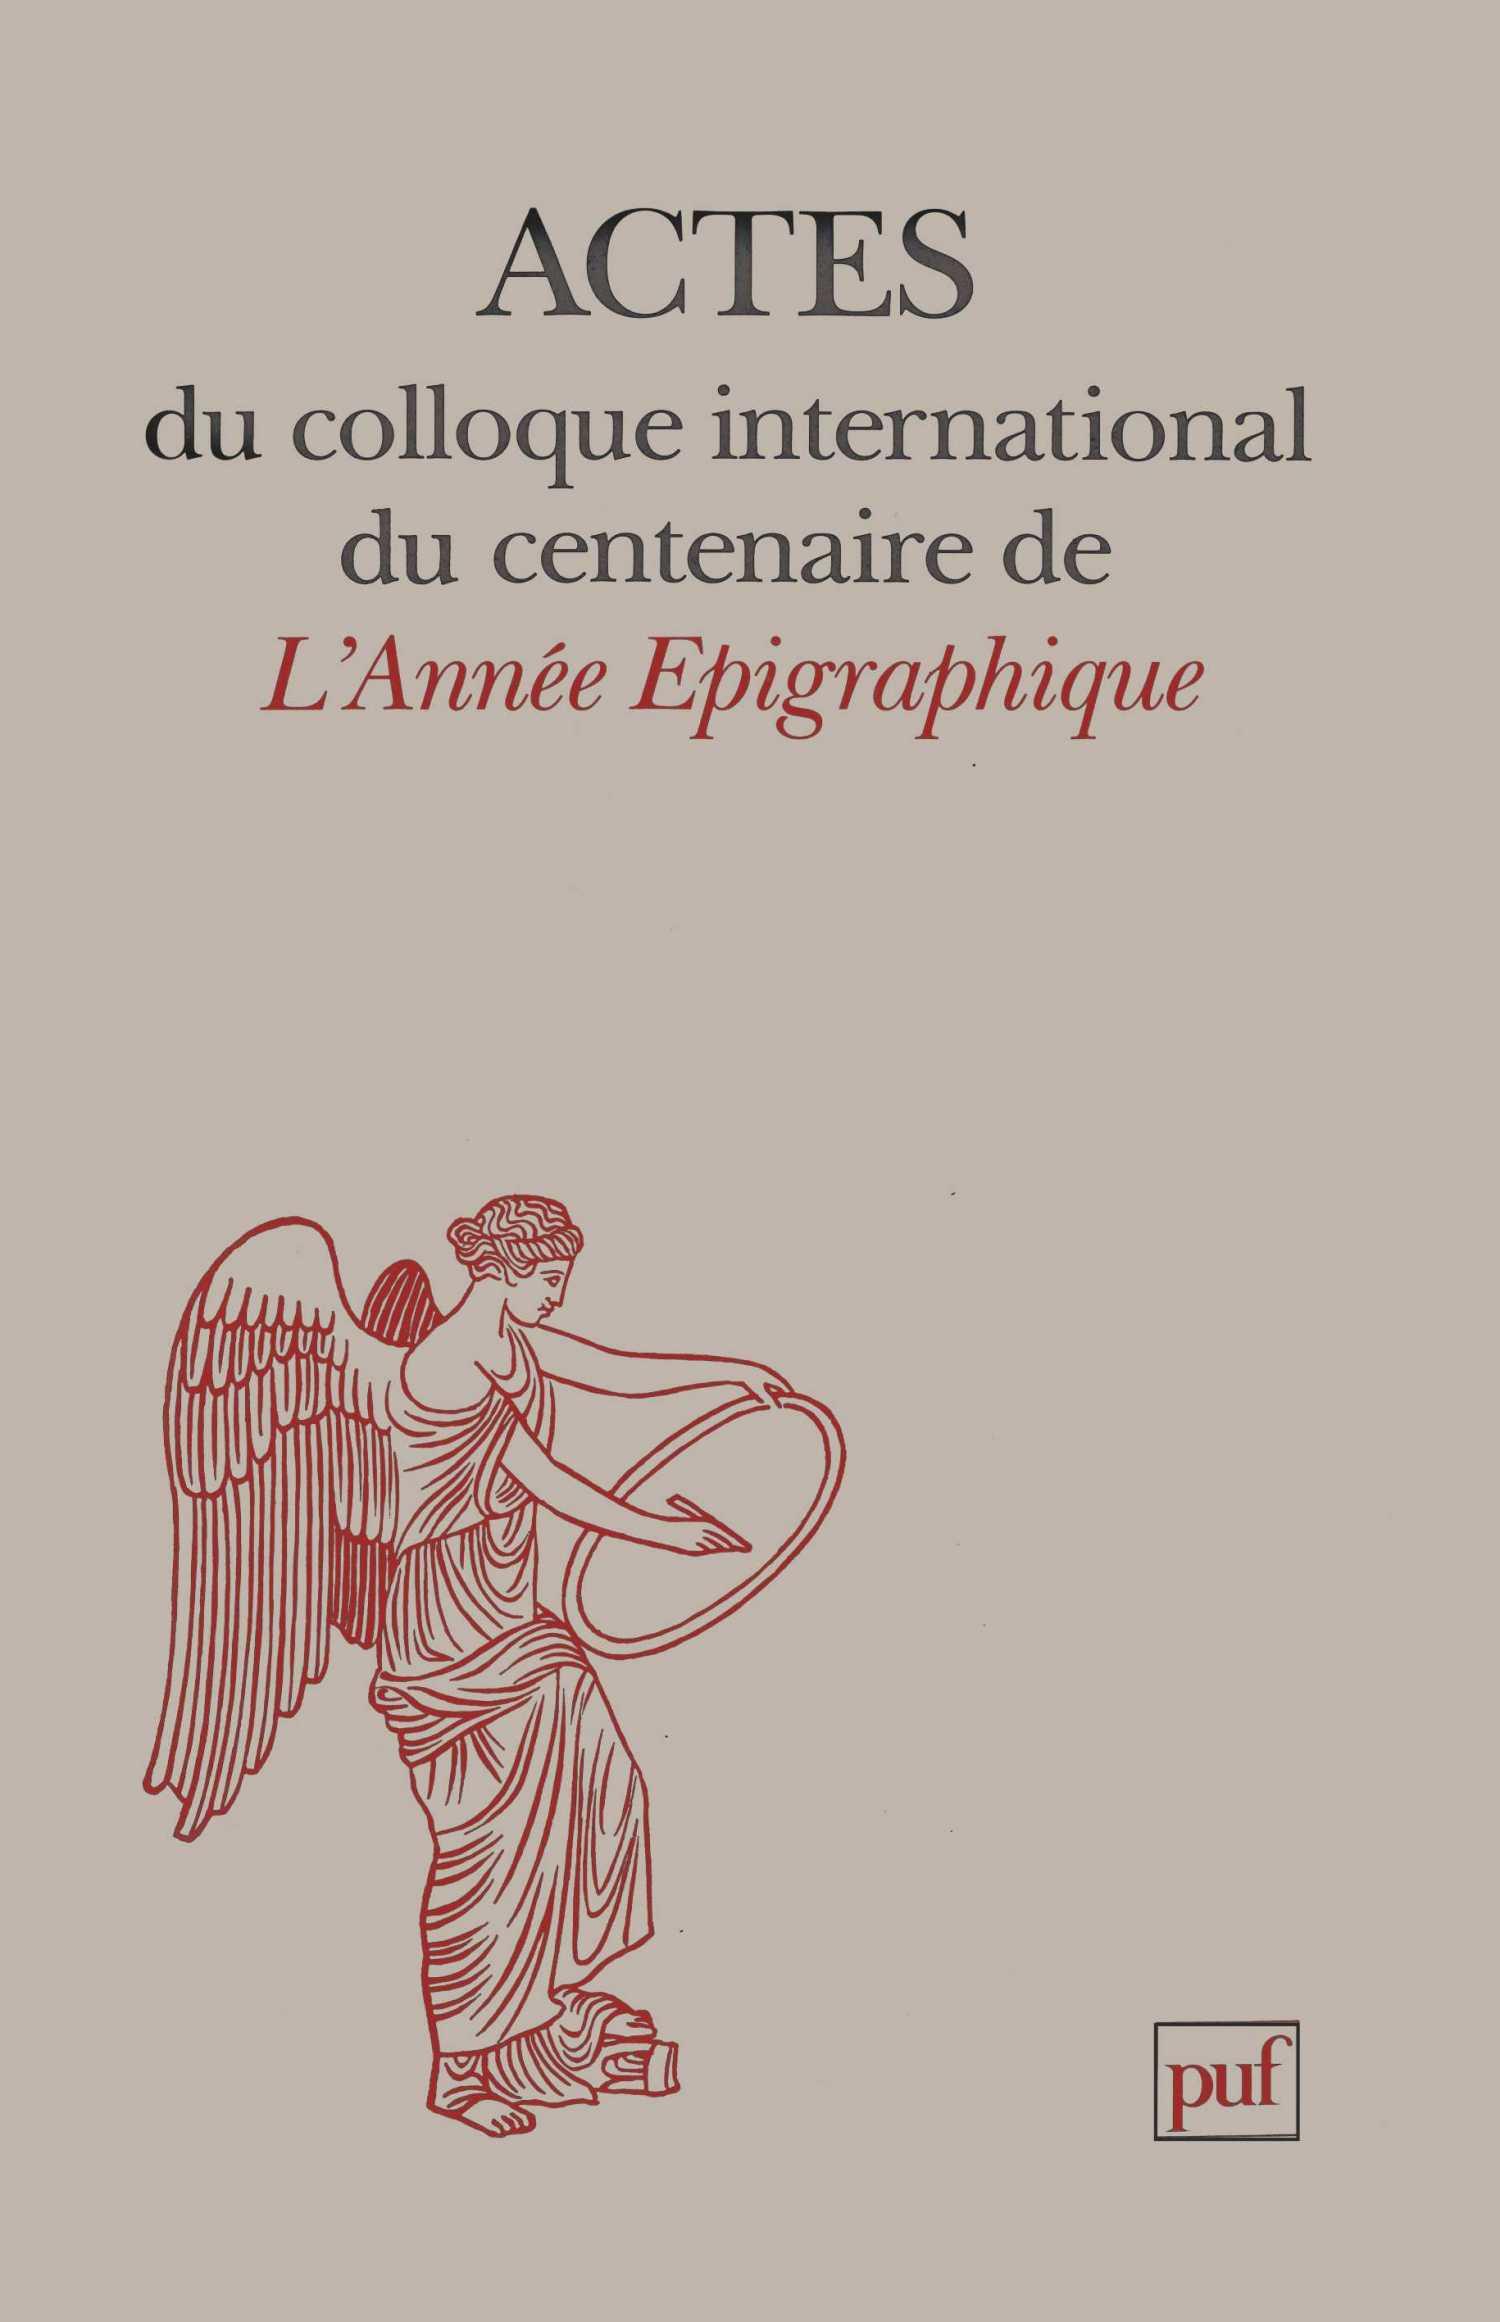 L'ANNEE EPIGRAPHIQUE